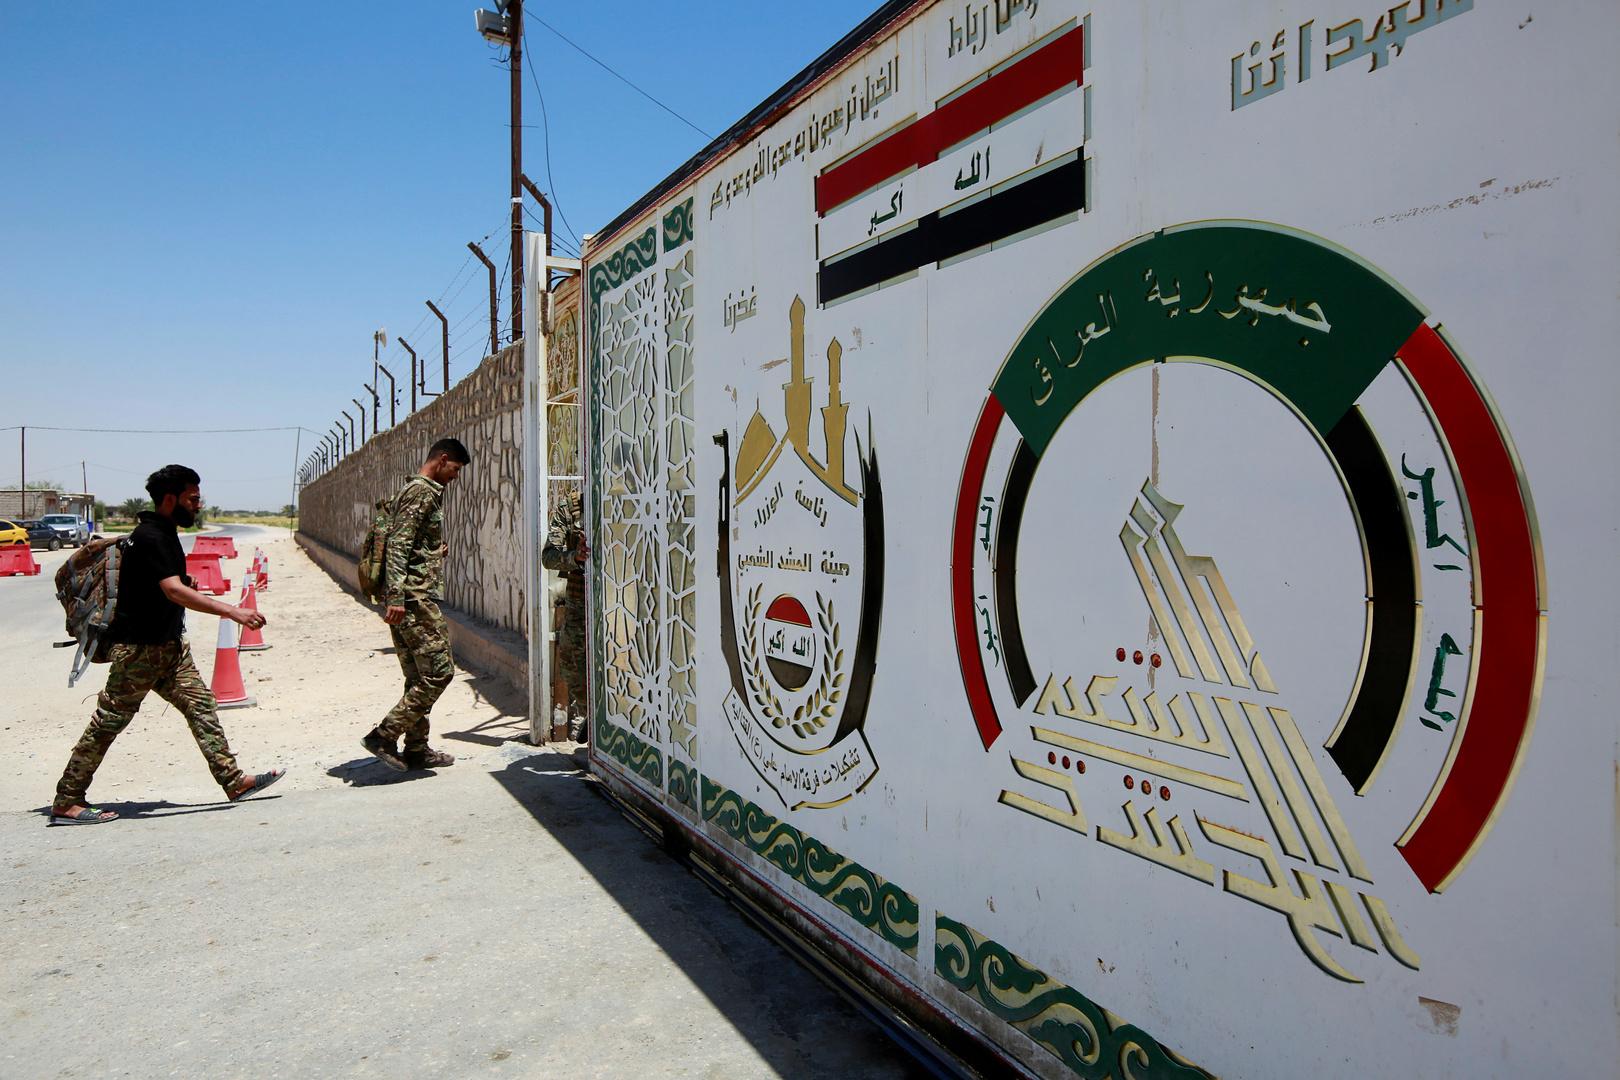 العراق.. الحشد الشعبي يكشف حقيقة تشكيل حشد كردي في كركوك